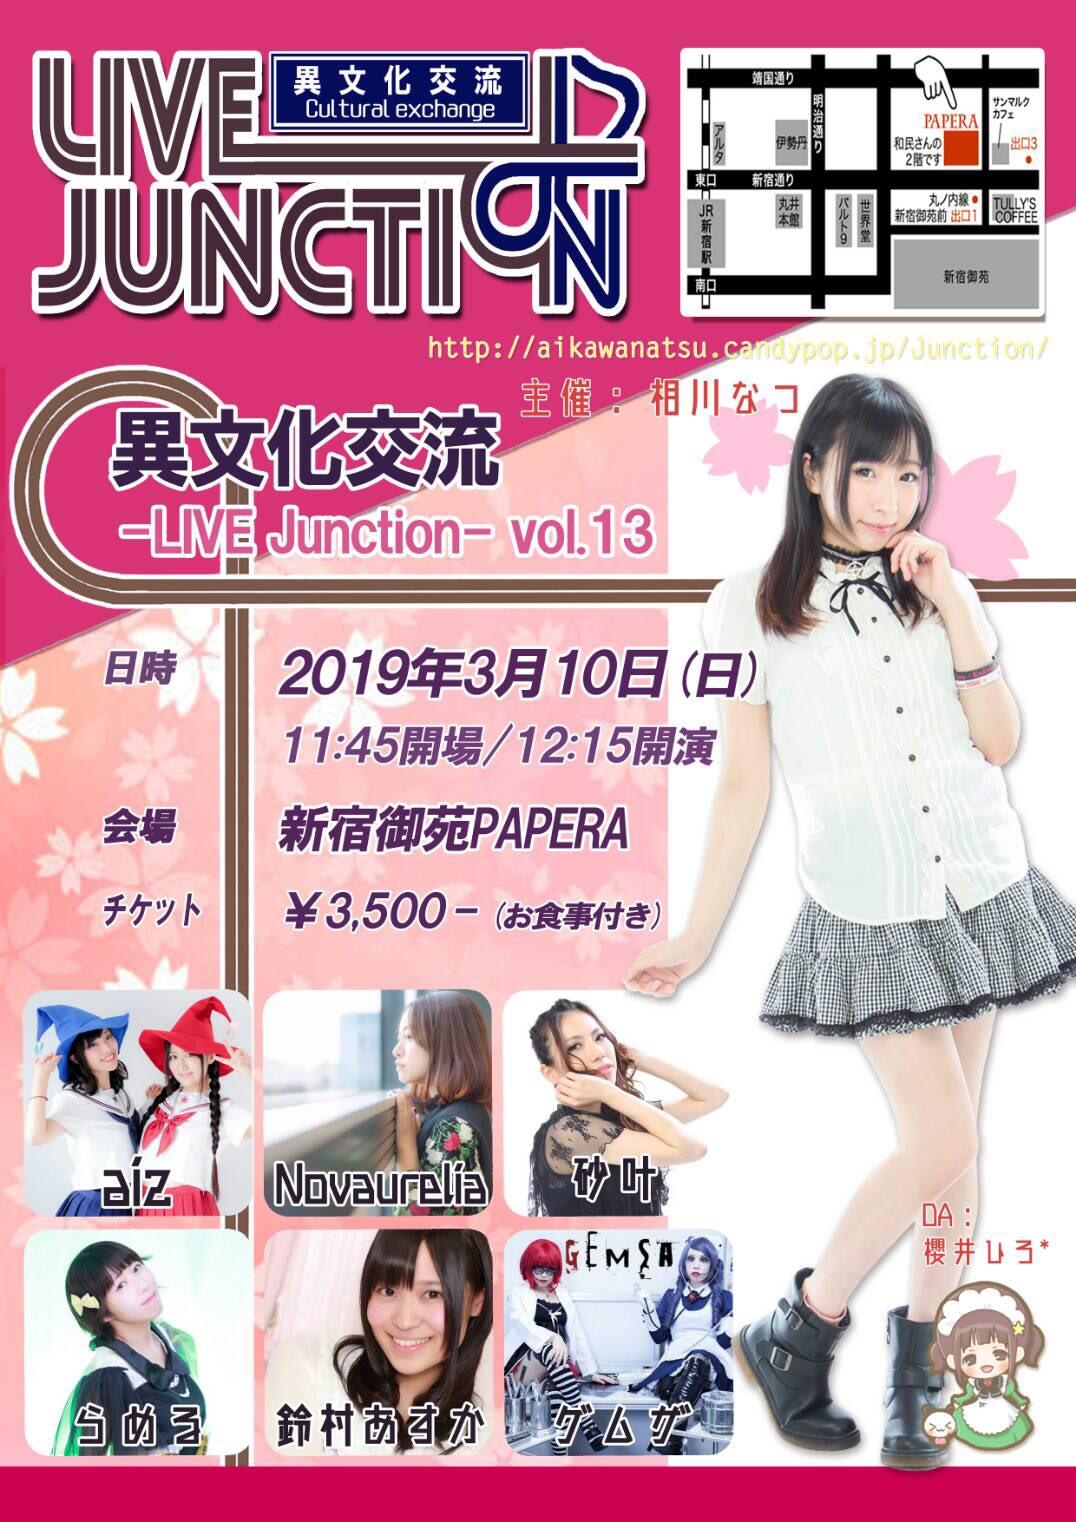 異文化交流-LIVE Junction vol.13